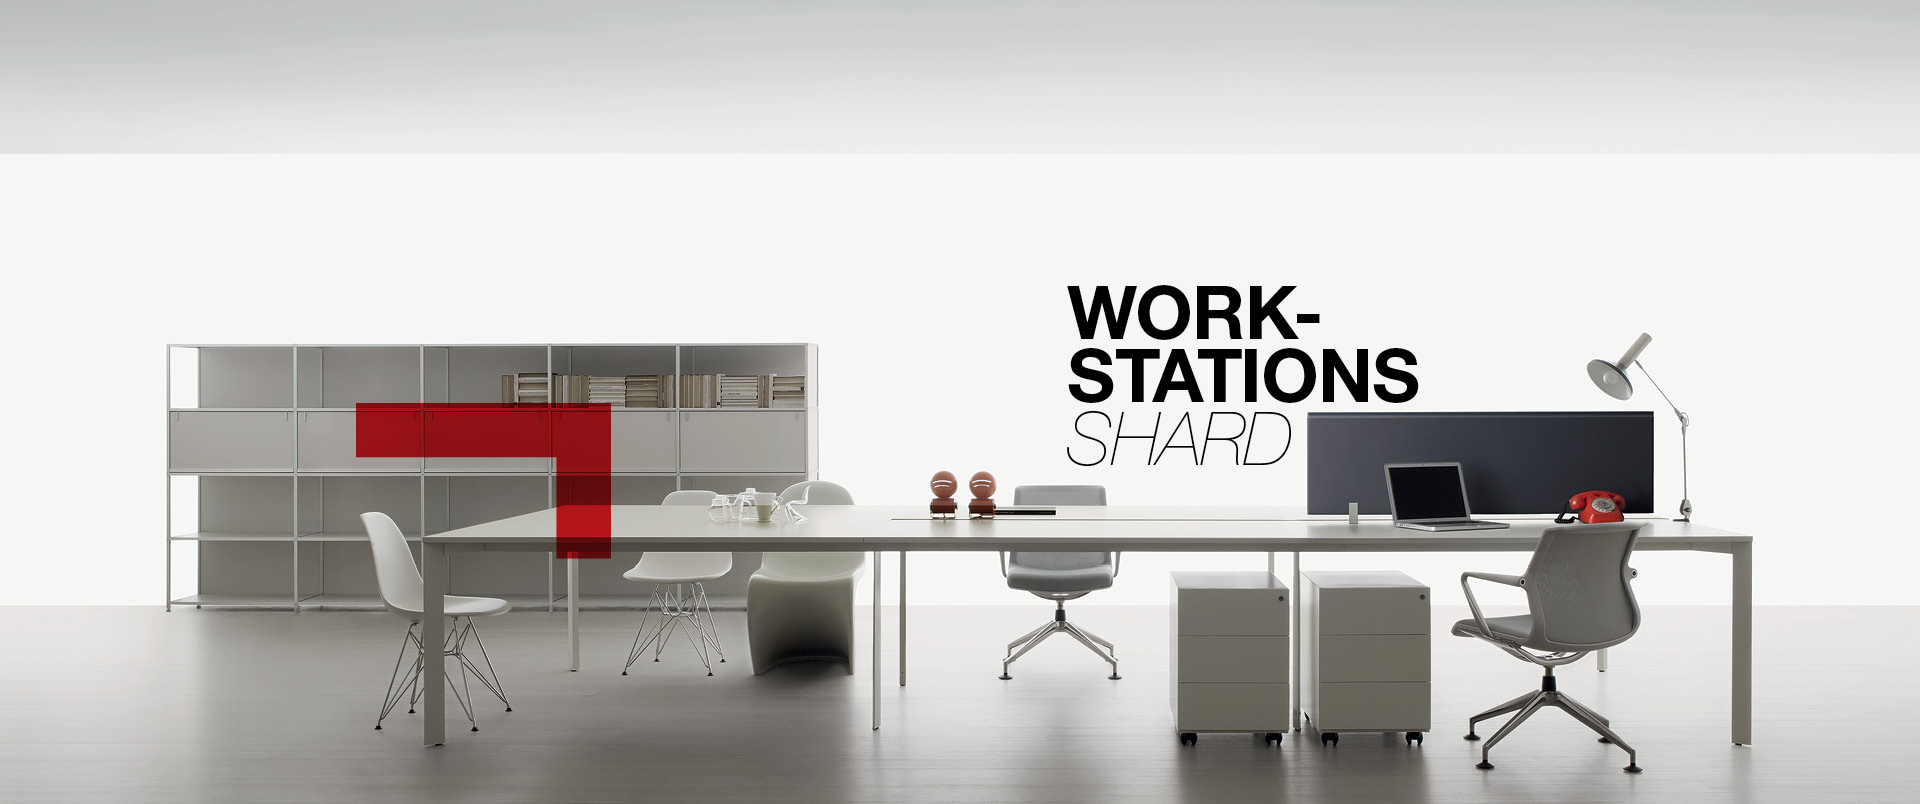 Works Station